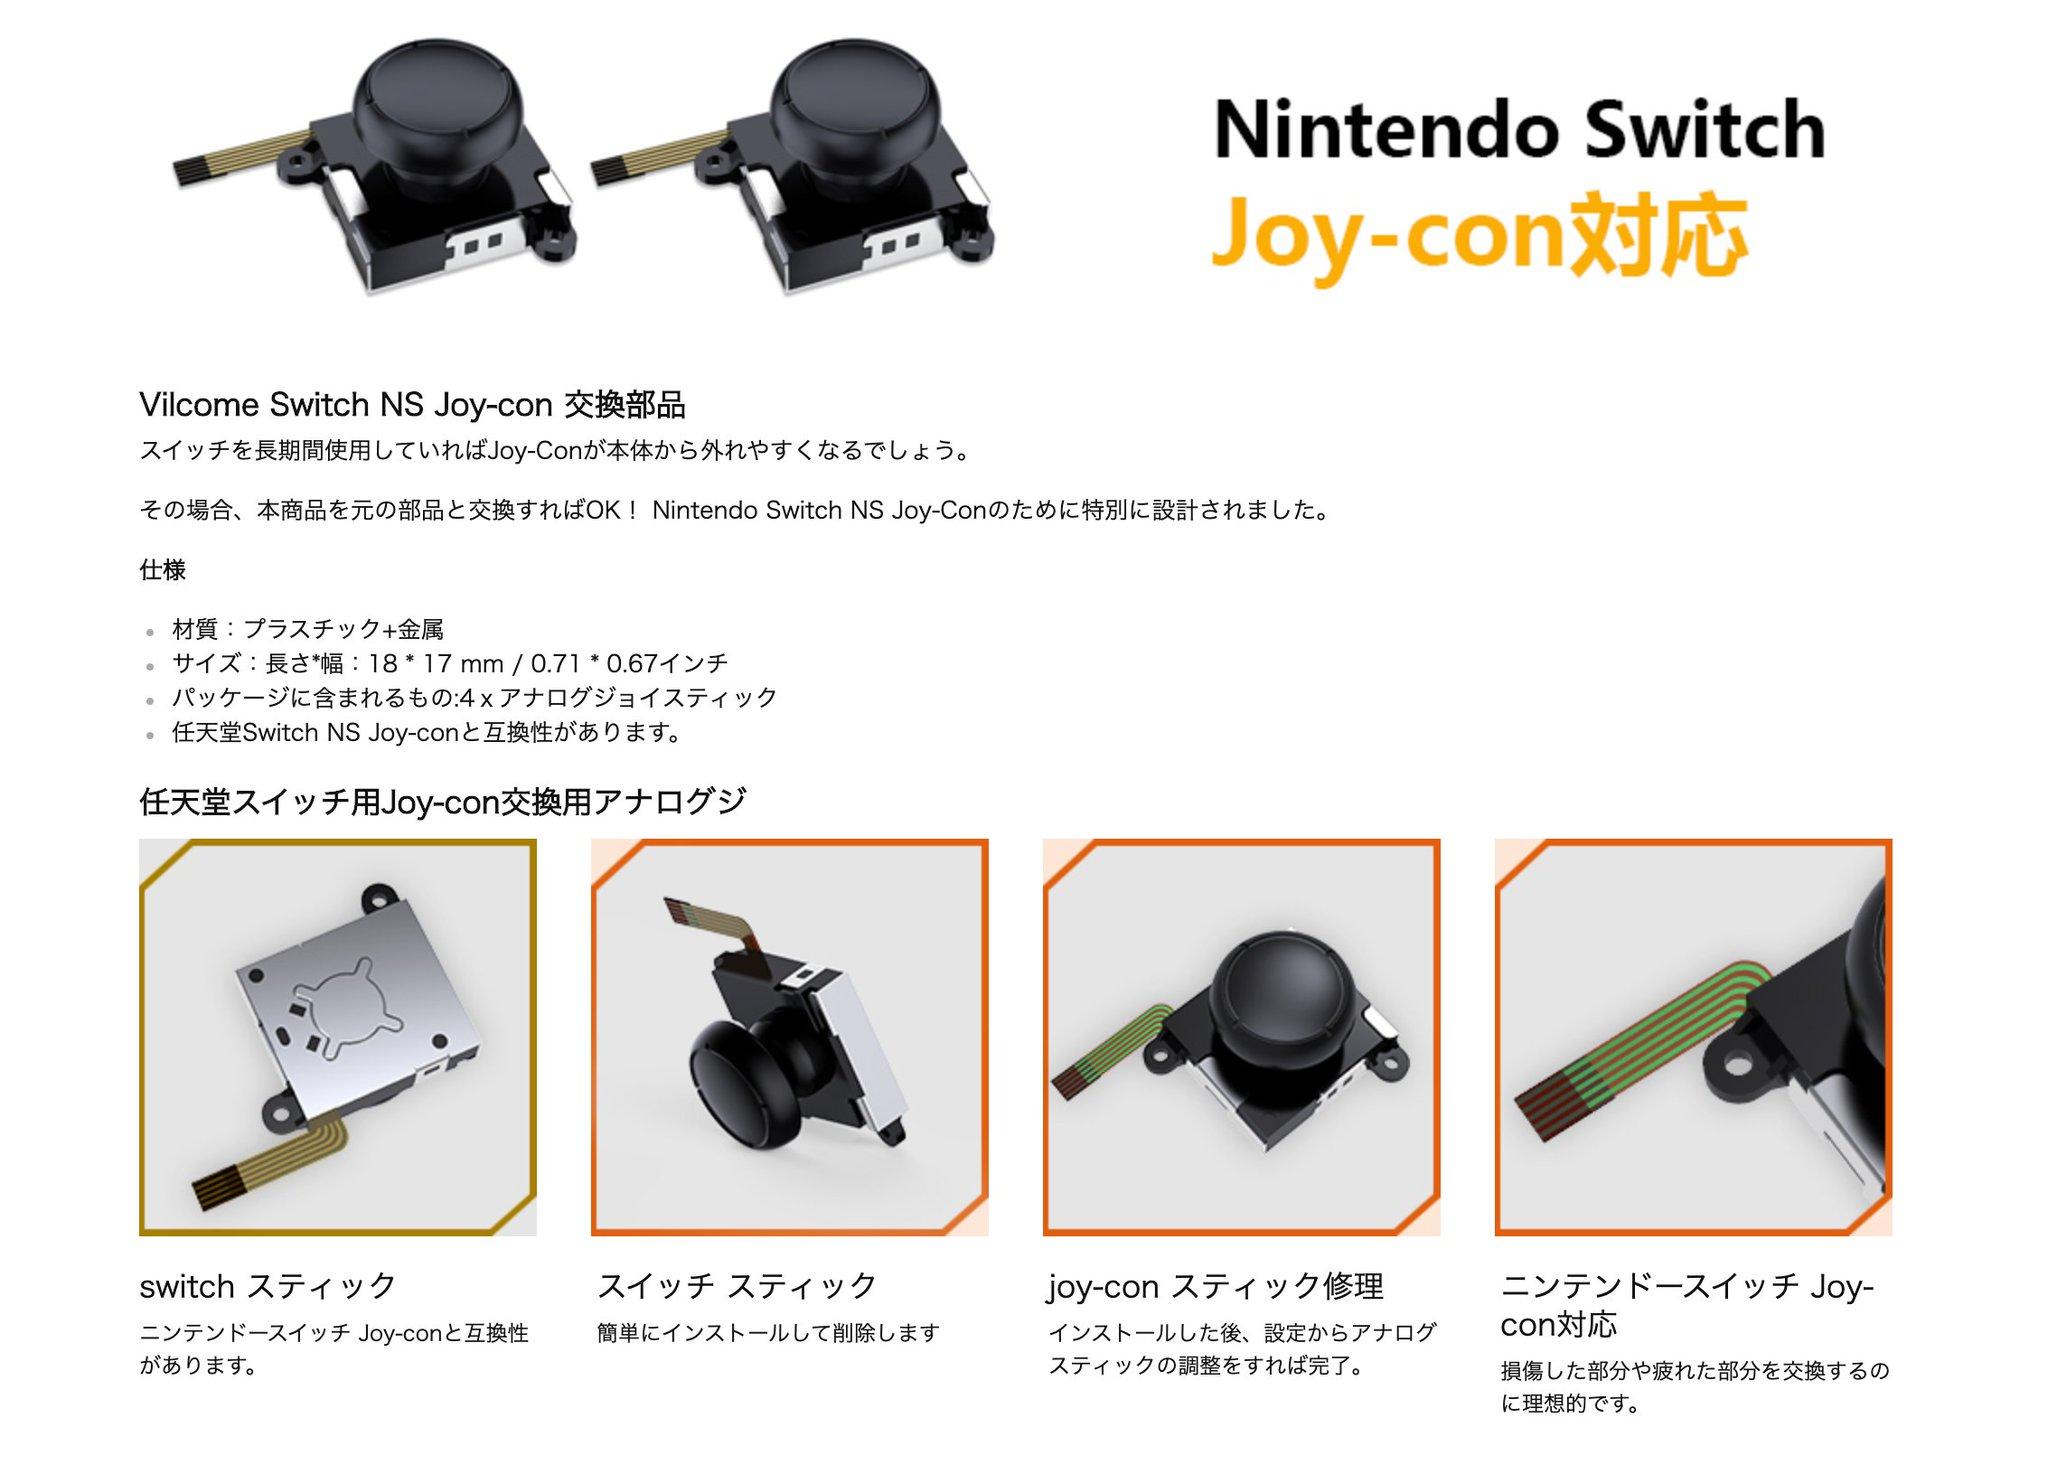 Amazonマケプレにて1699円で購入。今見たら在庫切れ。よく見たらなぜかタイトルにDSって書いてある。。。  Switch NS Joy-con用 コントロール 右/左 センサーアナログジョイスティック Joy-conスティック交換 修理パーツ4個 for ニンテンドーDS アクセサリーキット https://t.co/rB3jqIuLG8 https://t.co/CA08NwCjuG